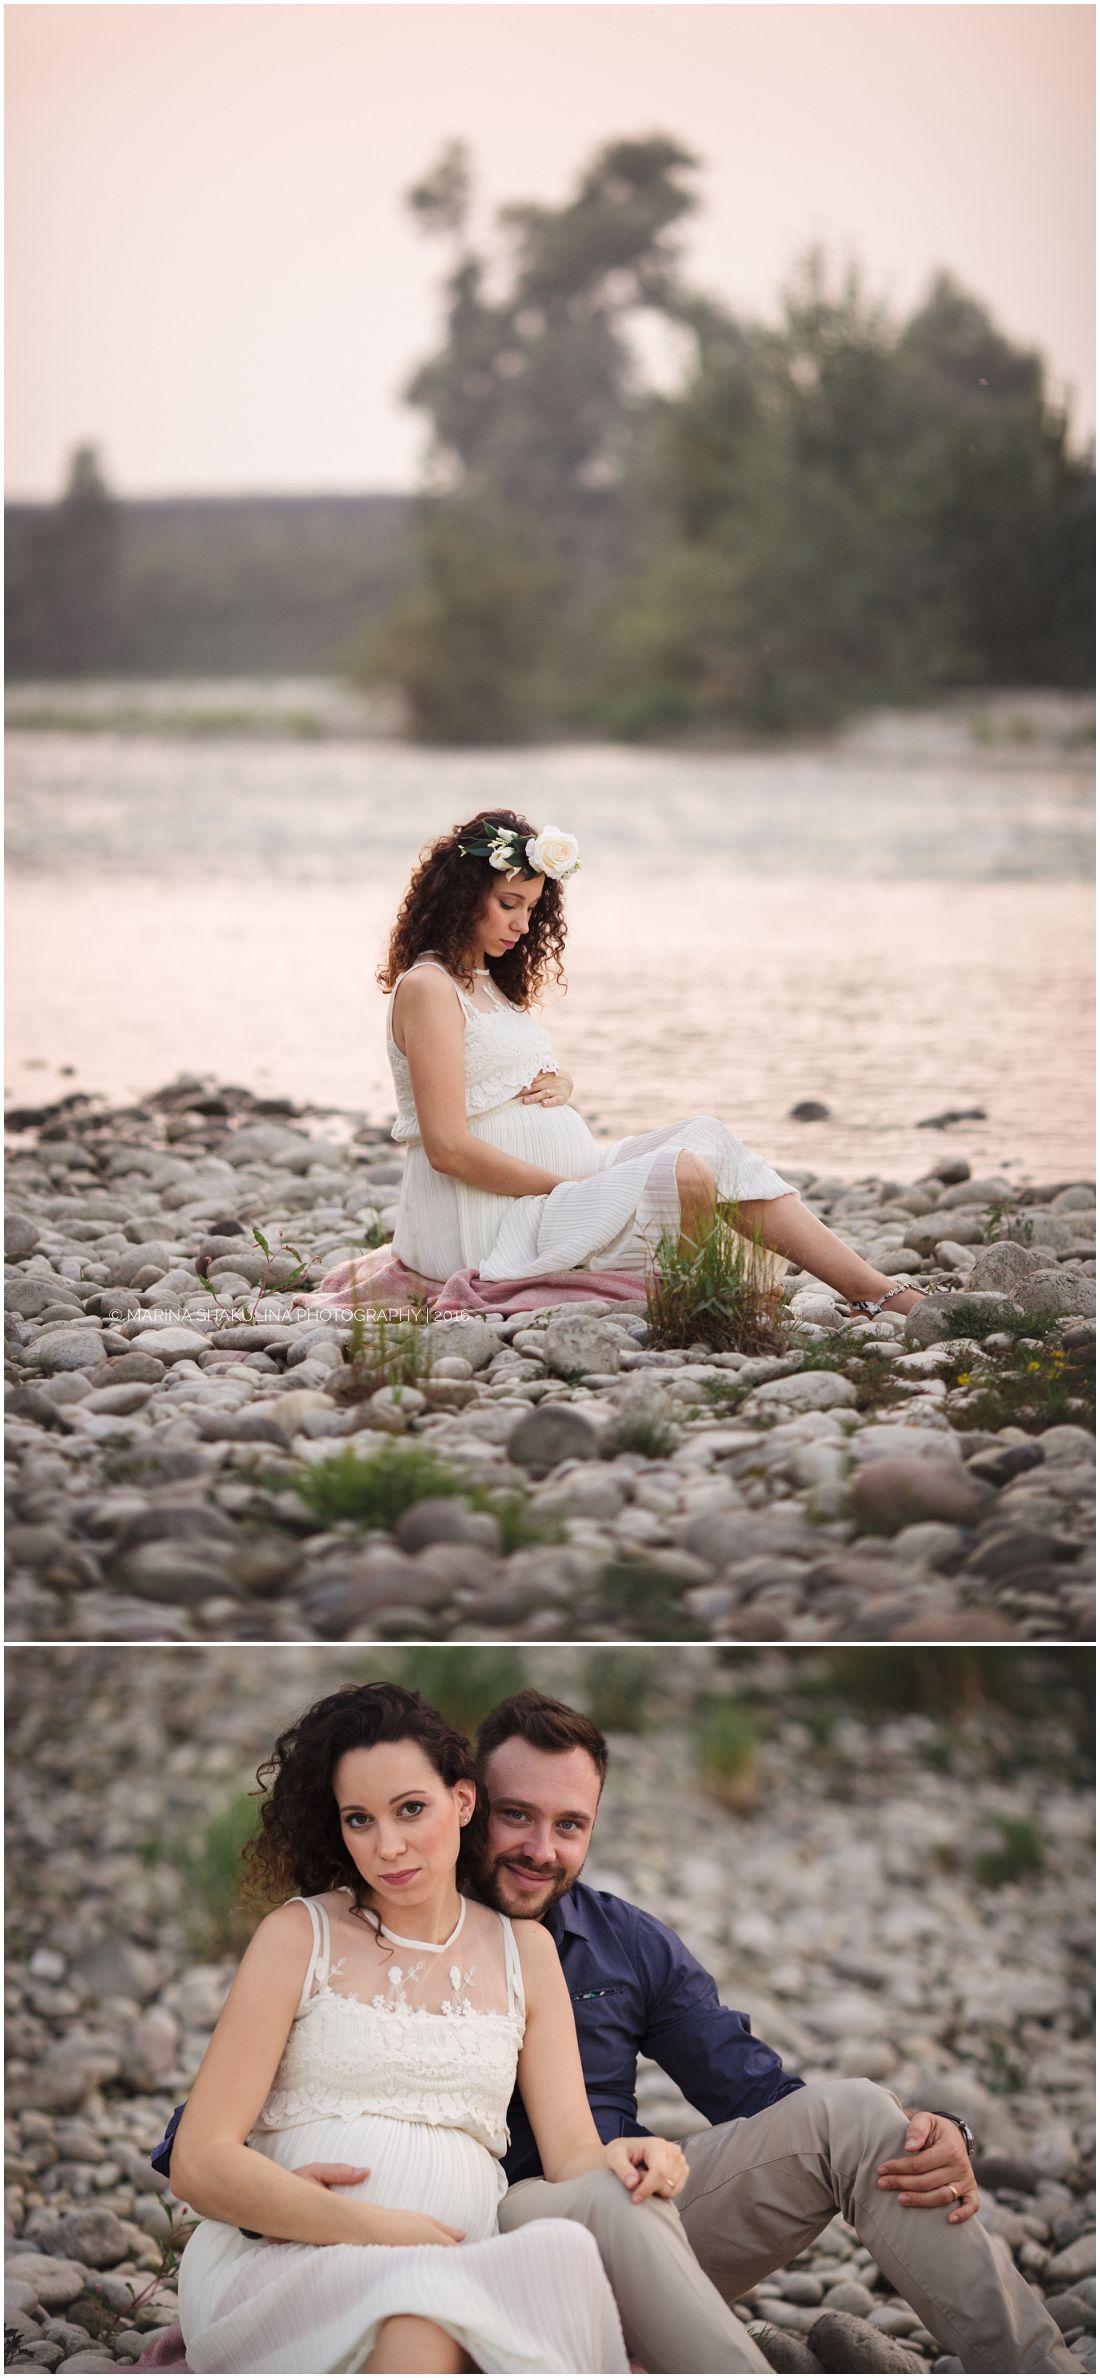 Ritratto di gravidanza a Verona